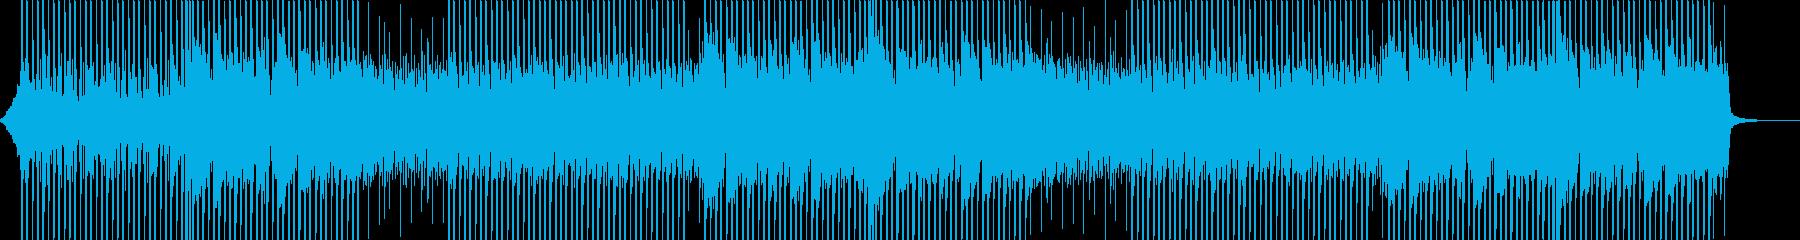 企業VP・建築・プレゼン・幸福感の再生済みの波形